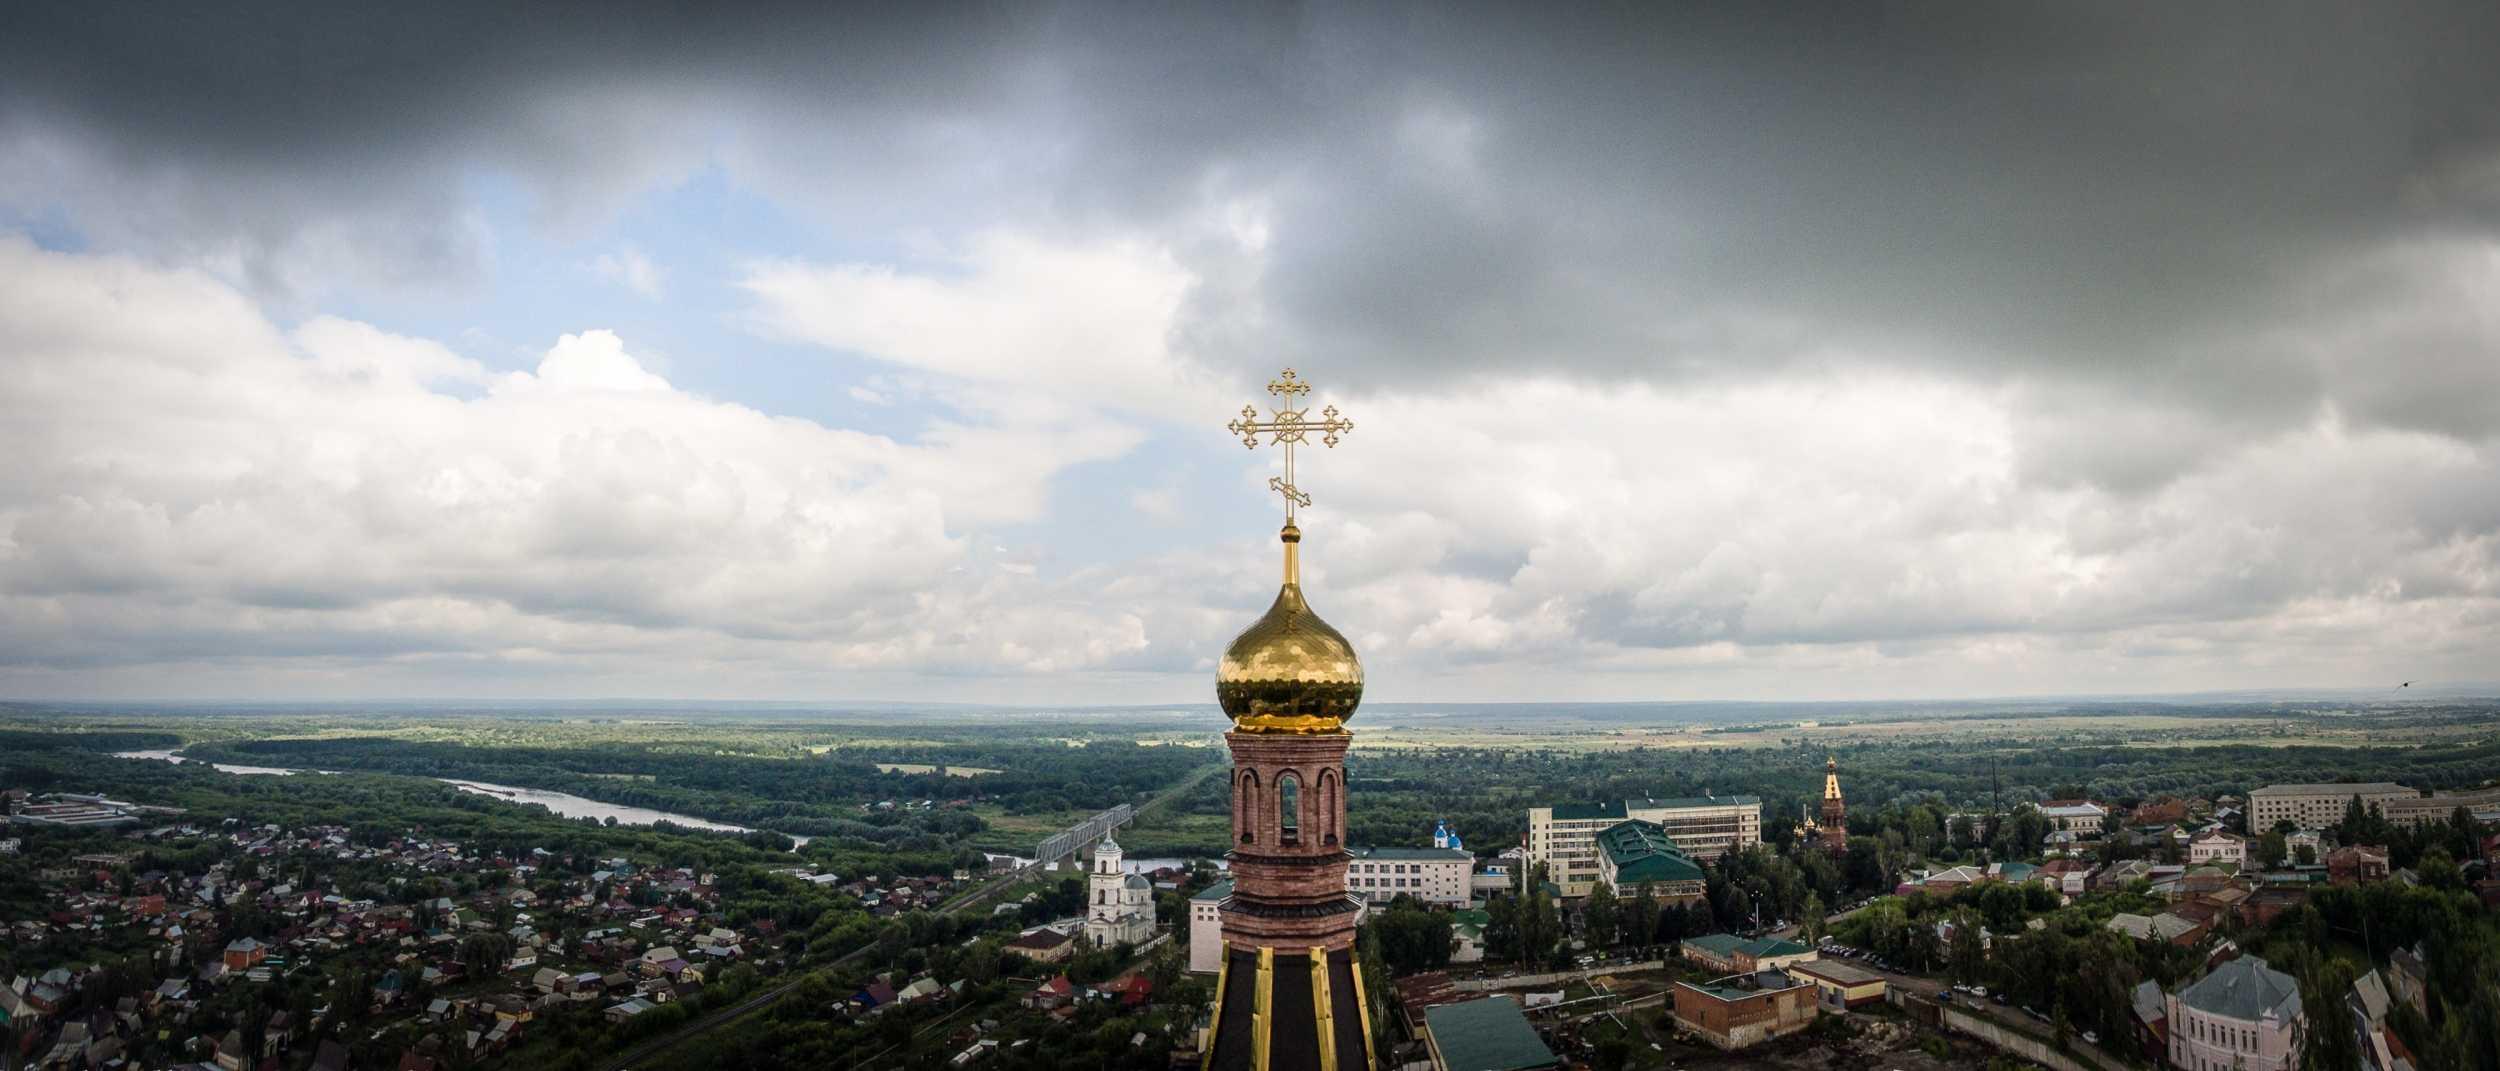 Купол Свято-Троицкий монастырь